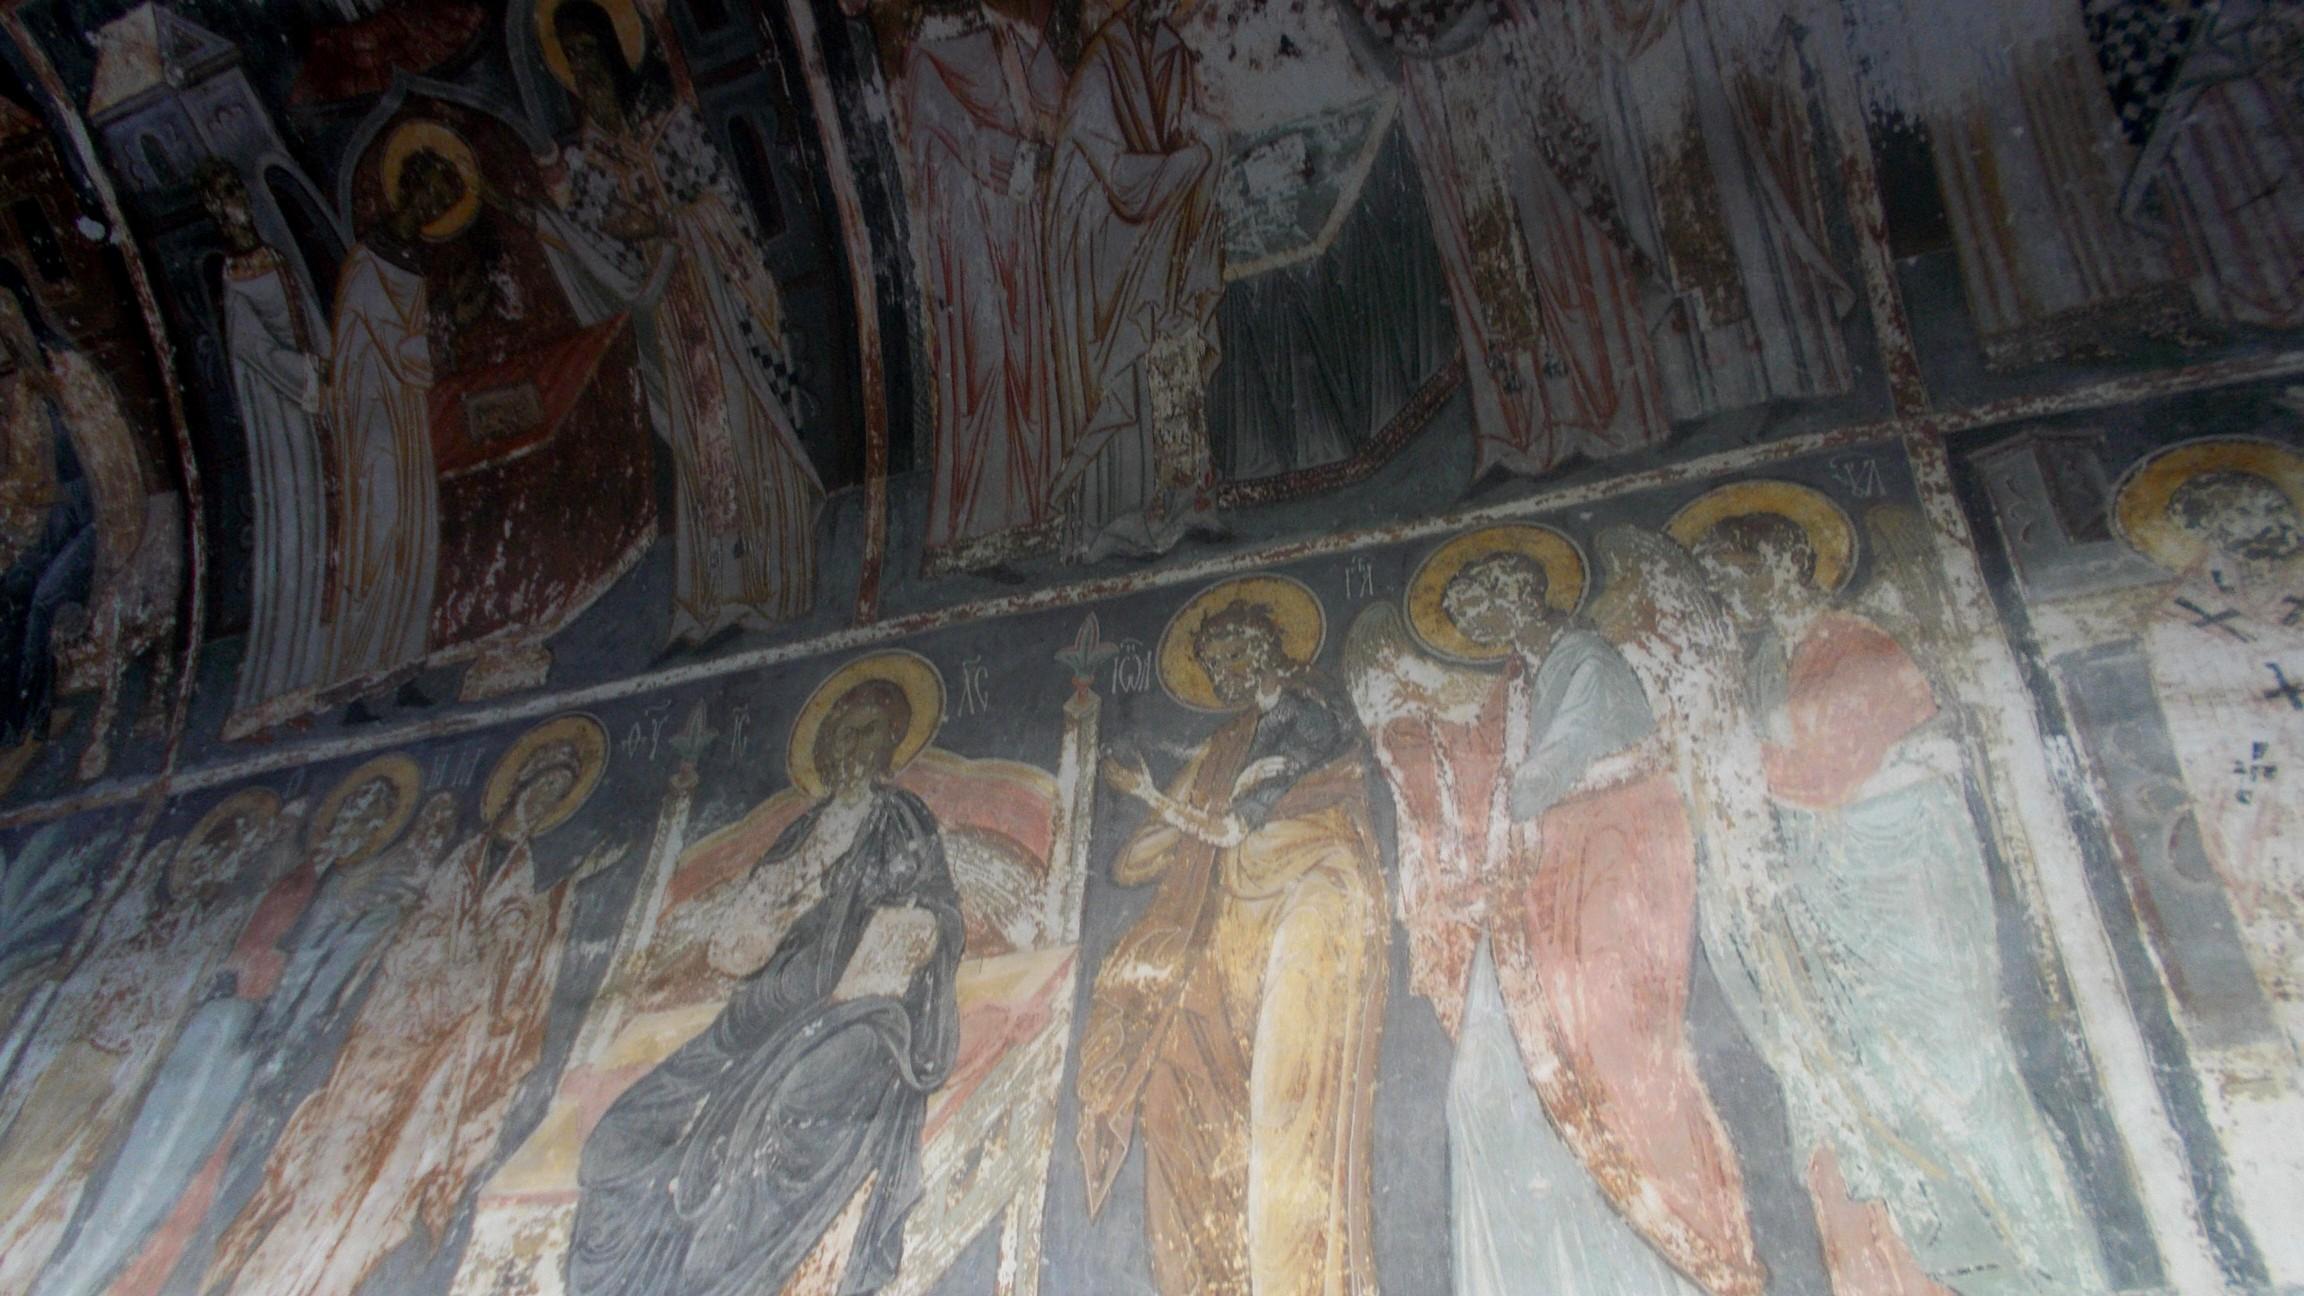 Pictura din holul bisericii din Părhăuţi